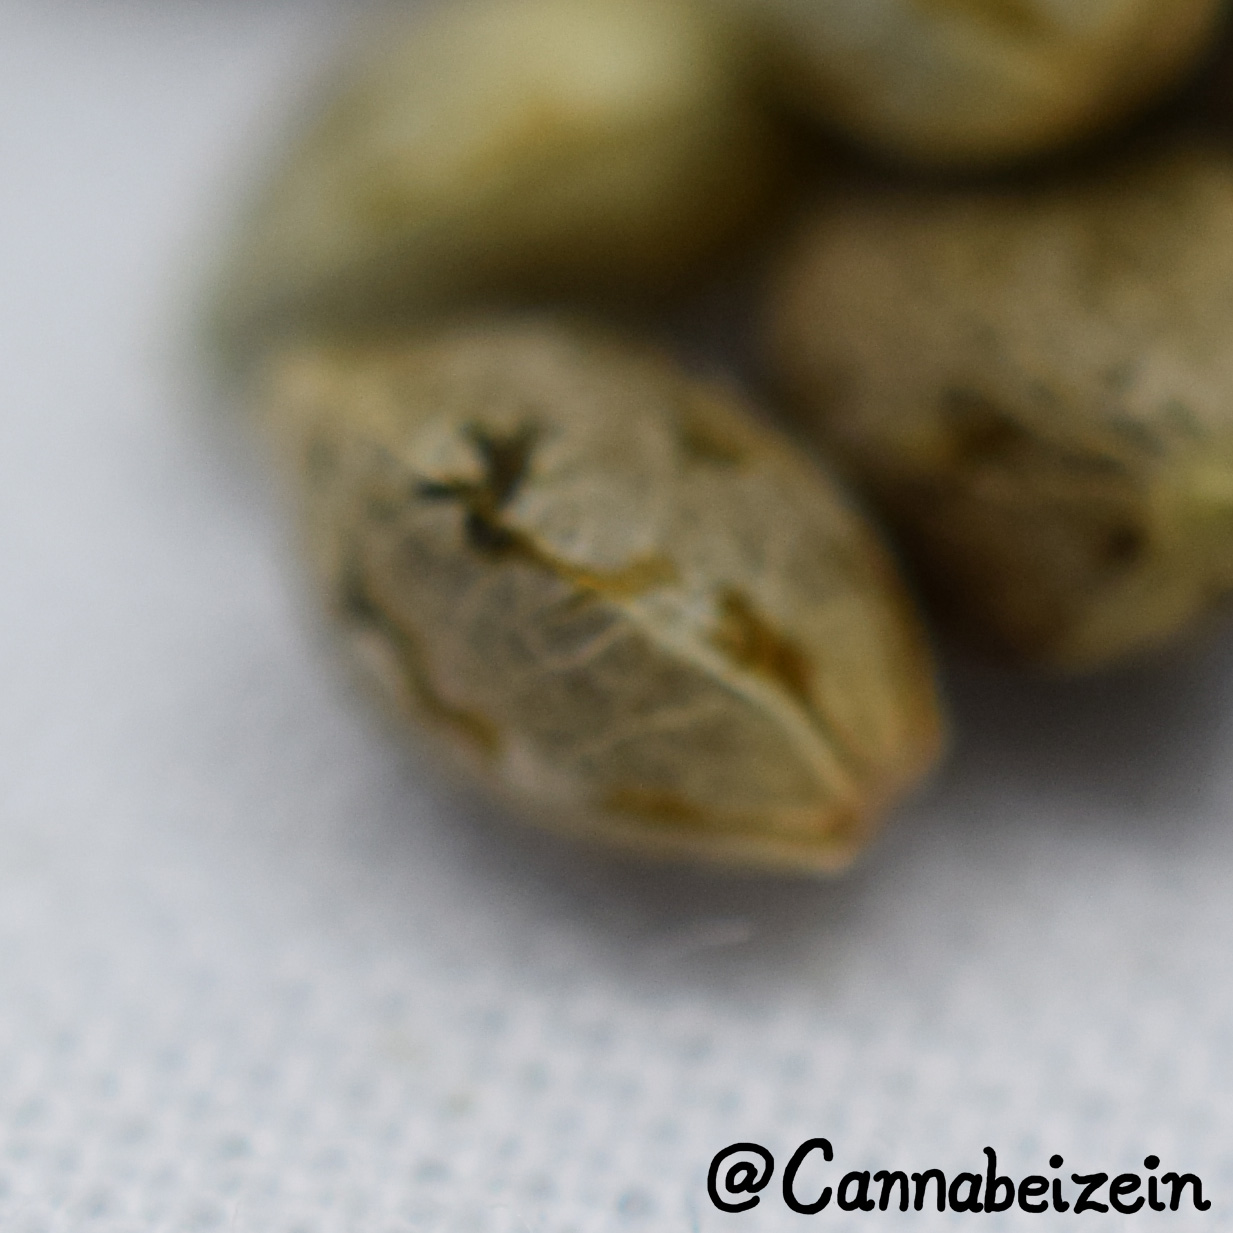 Cannabeizein 0228 - Mystery Mix Seeds - DSC_0821.jpg